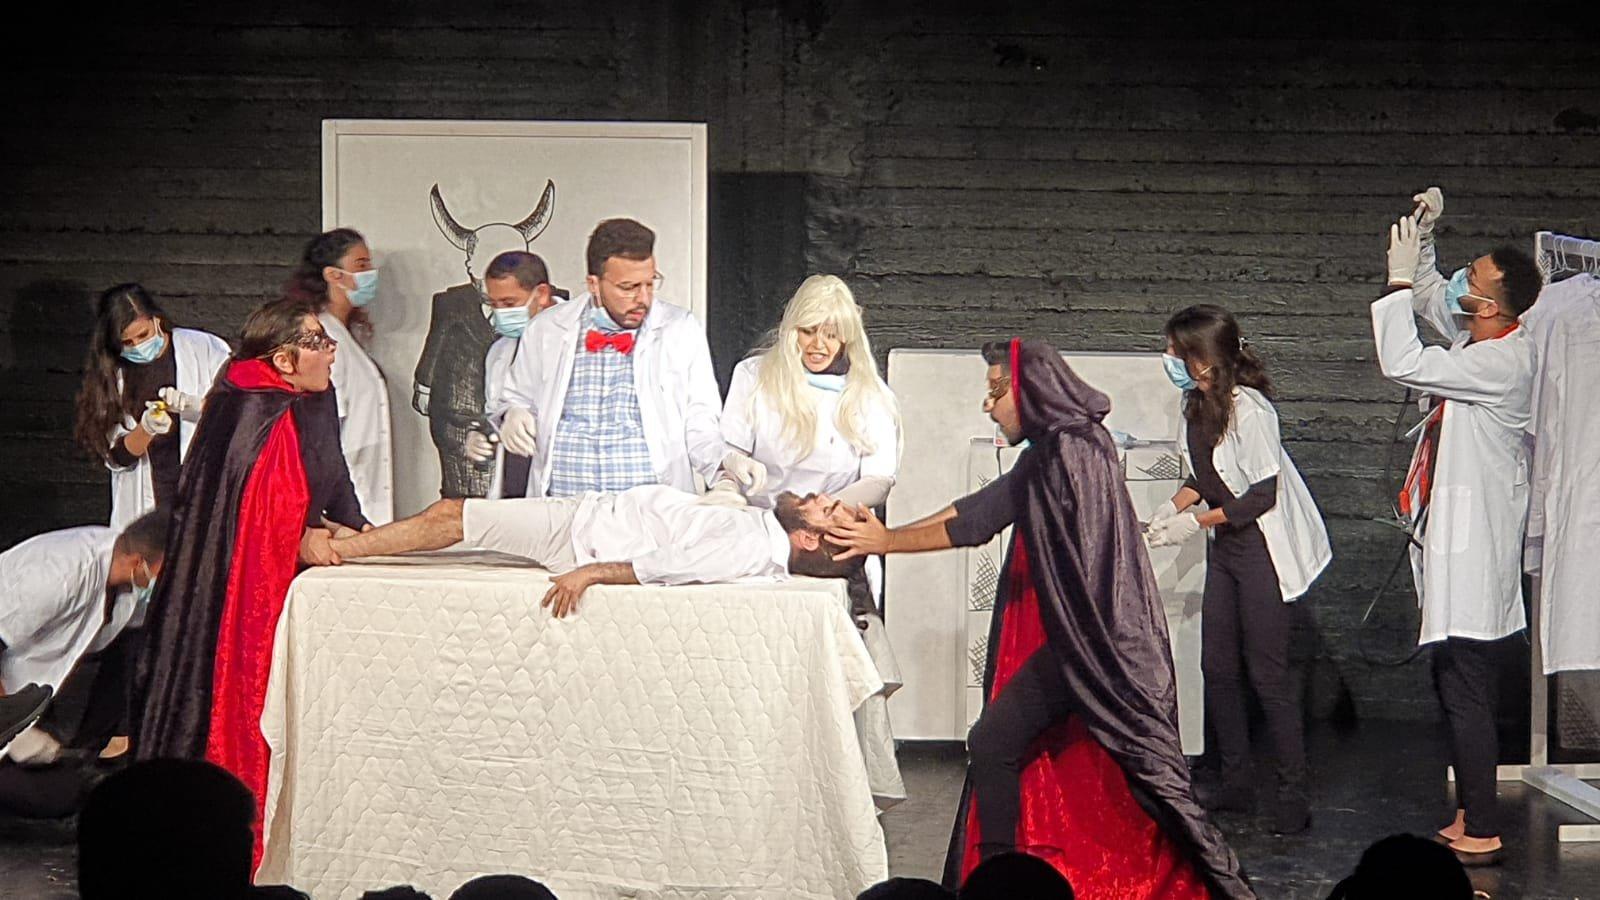 أكاديمية فرينج الناصرة تحتفل هذا الأسبوع بتخريج الفوج الثاني من طلاب فرع التمثيل الجدد وعرض مسرحيتهم الأولى-2